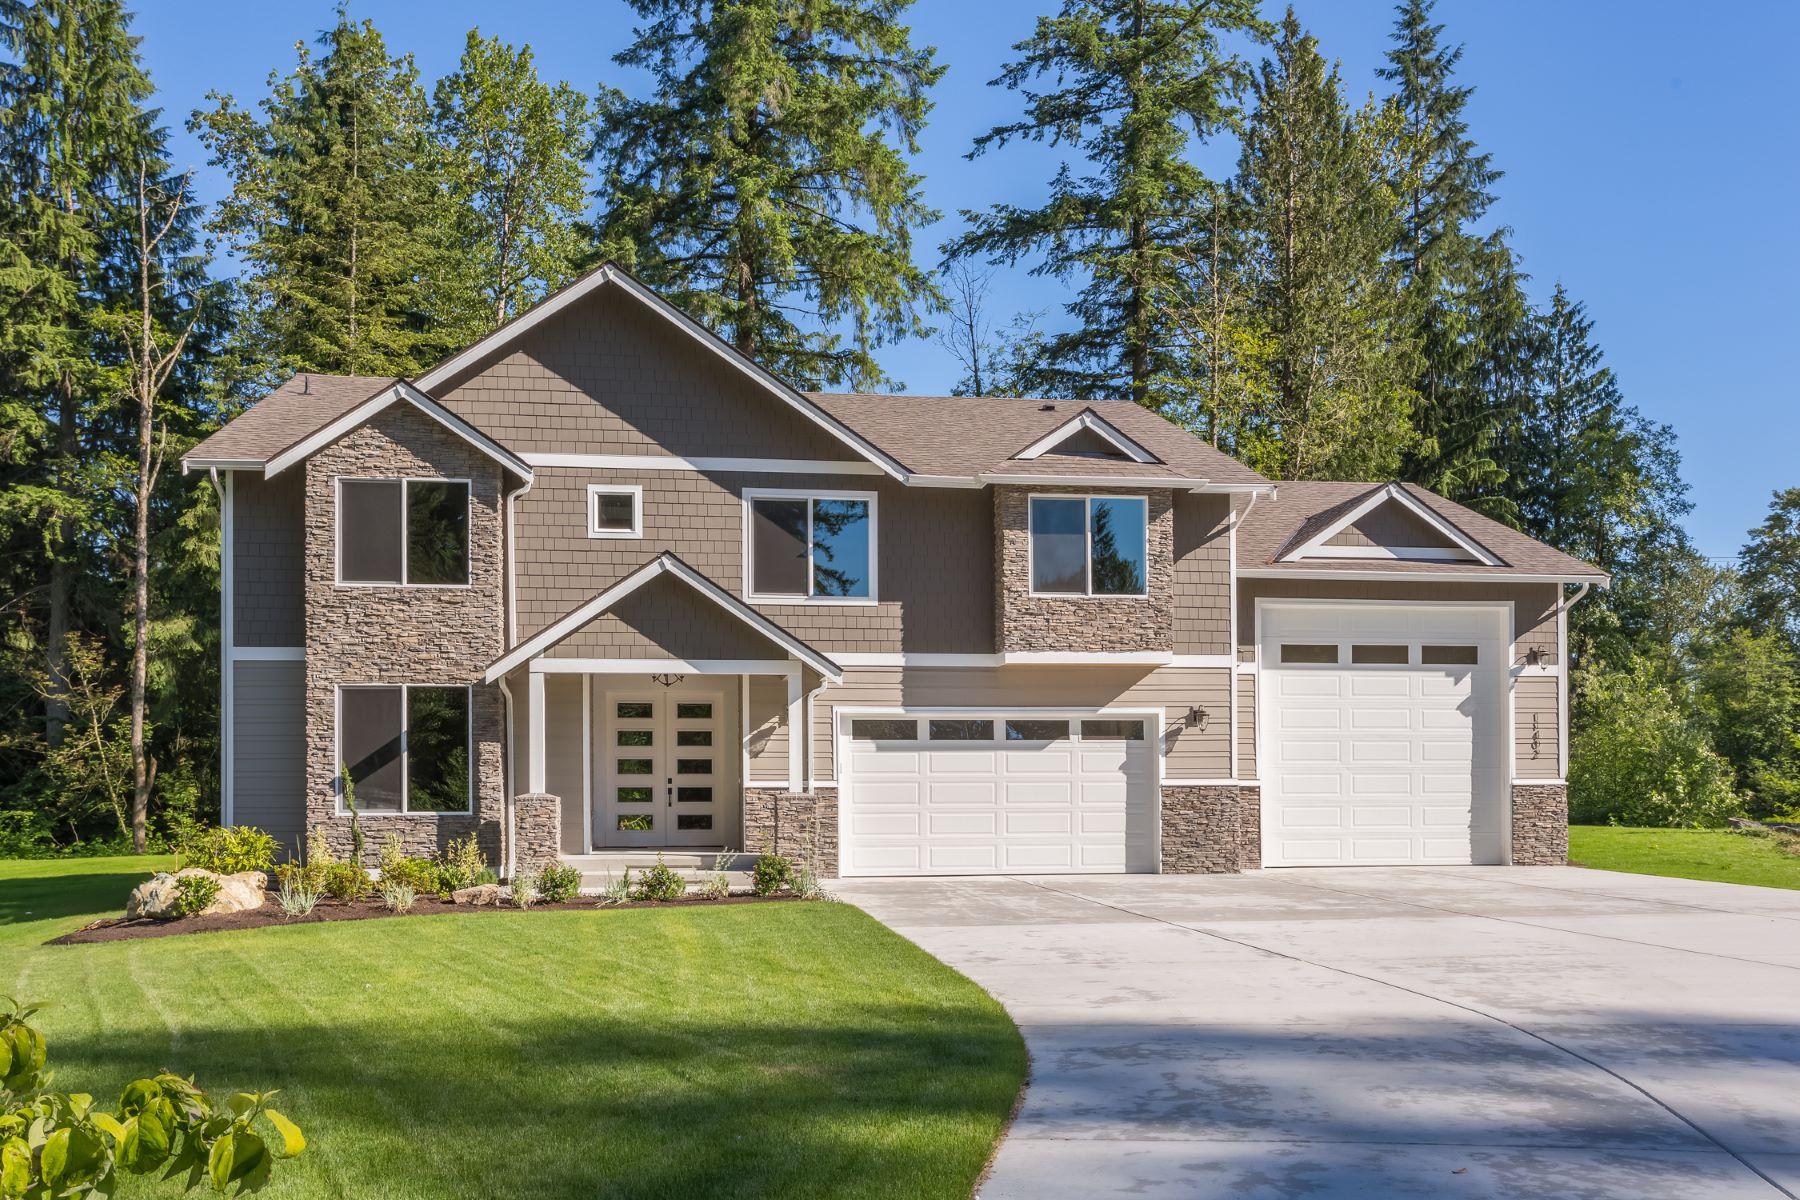 Casa para uma família para Venda às Exquisite Echo Lake Living 11402 207th St SE (Lot 8) Snohomish, Washington, 98296 Estados Unidos